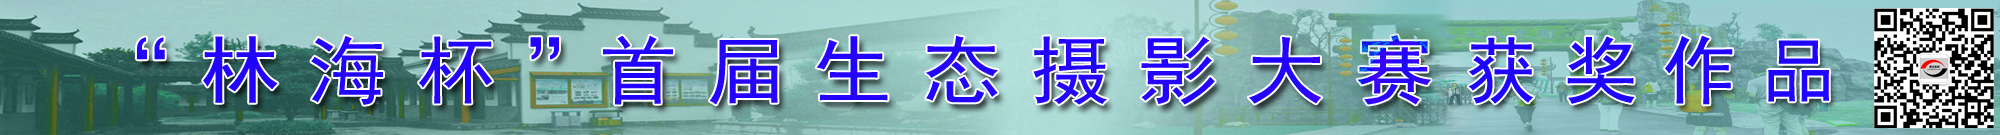 """""""林海杯""""首届生态摄影大赛获奖作品"""